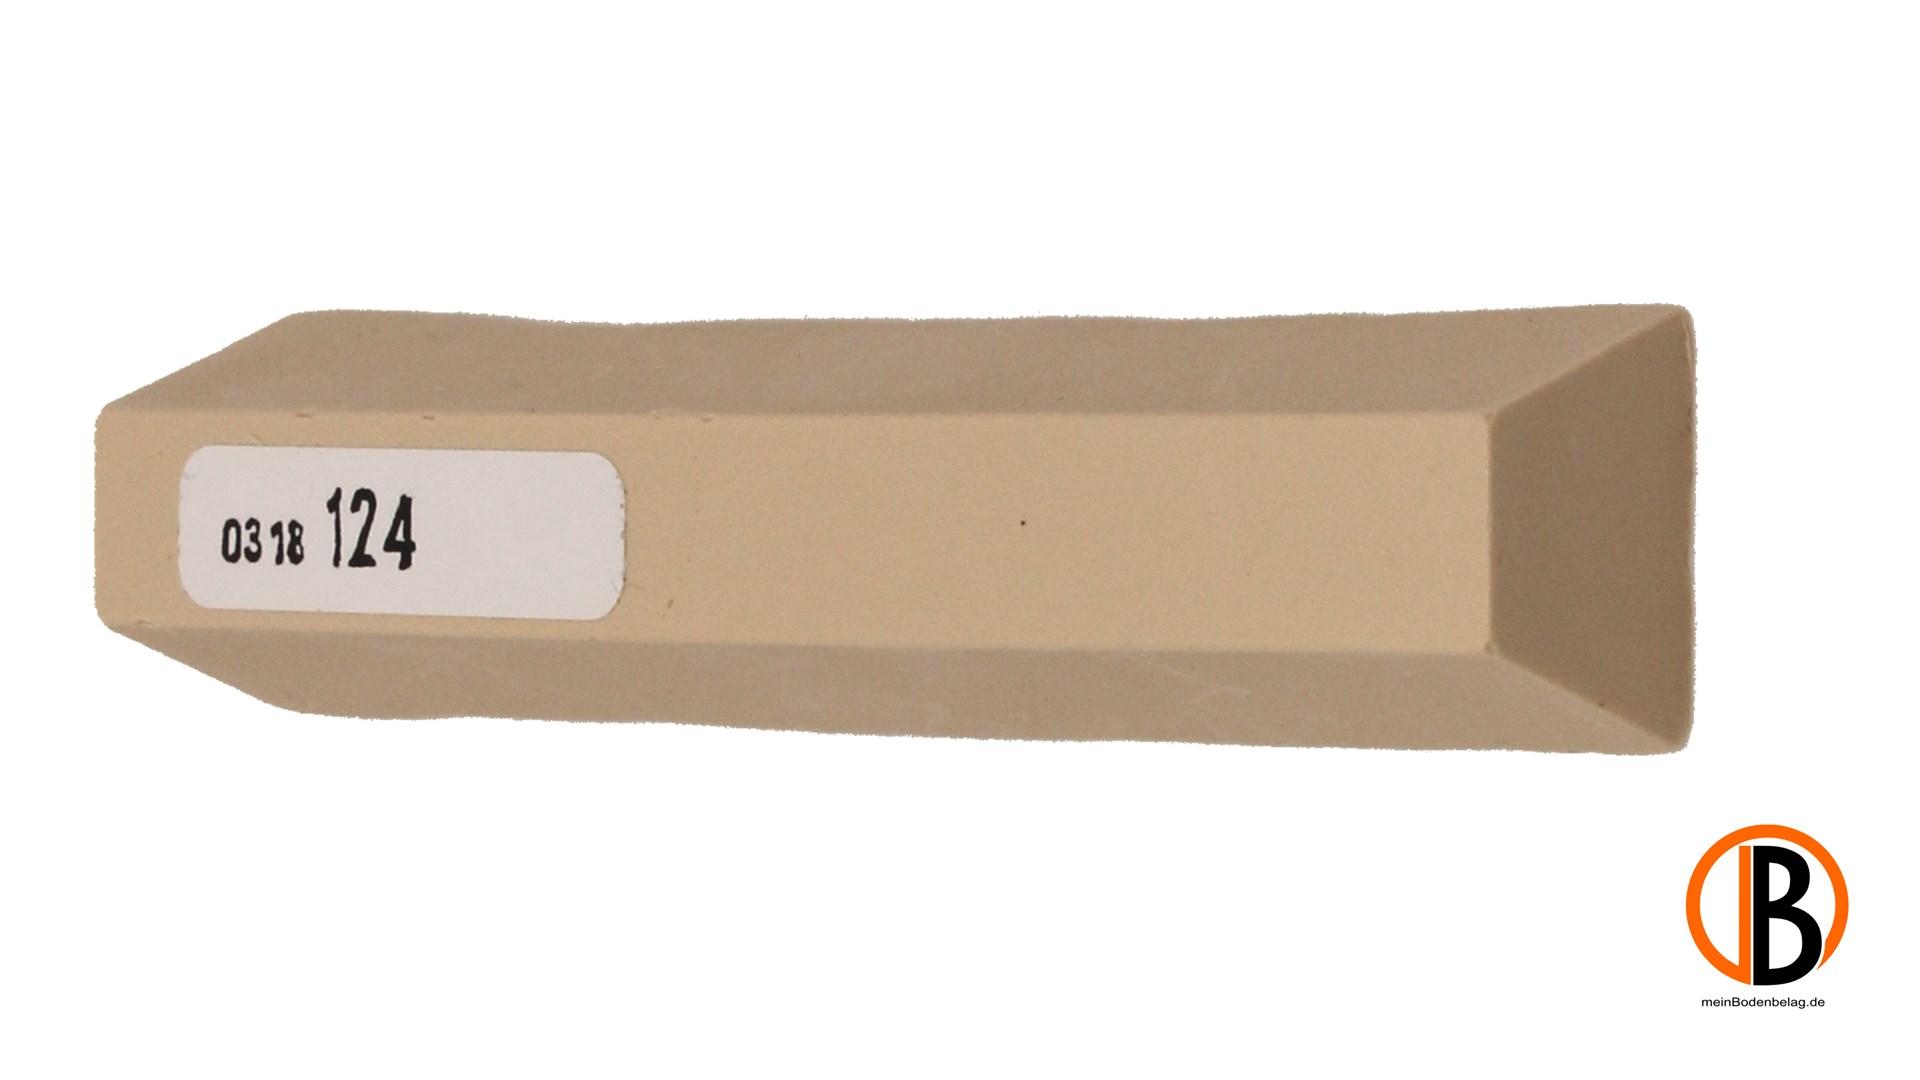 CINQUE FERAX HARTWACHS, 124 BIRKE | 11002656;0 | Bild 1